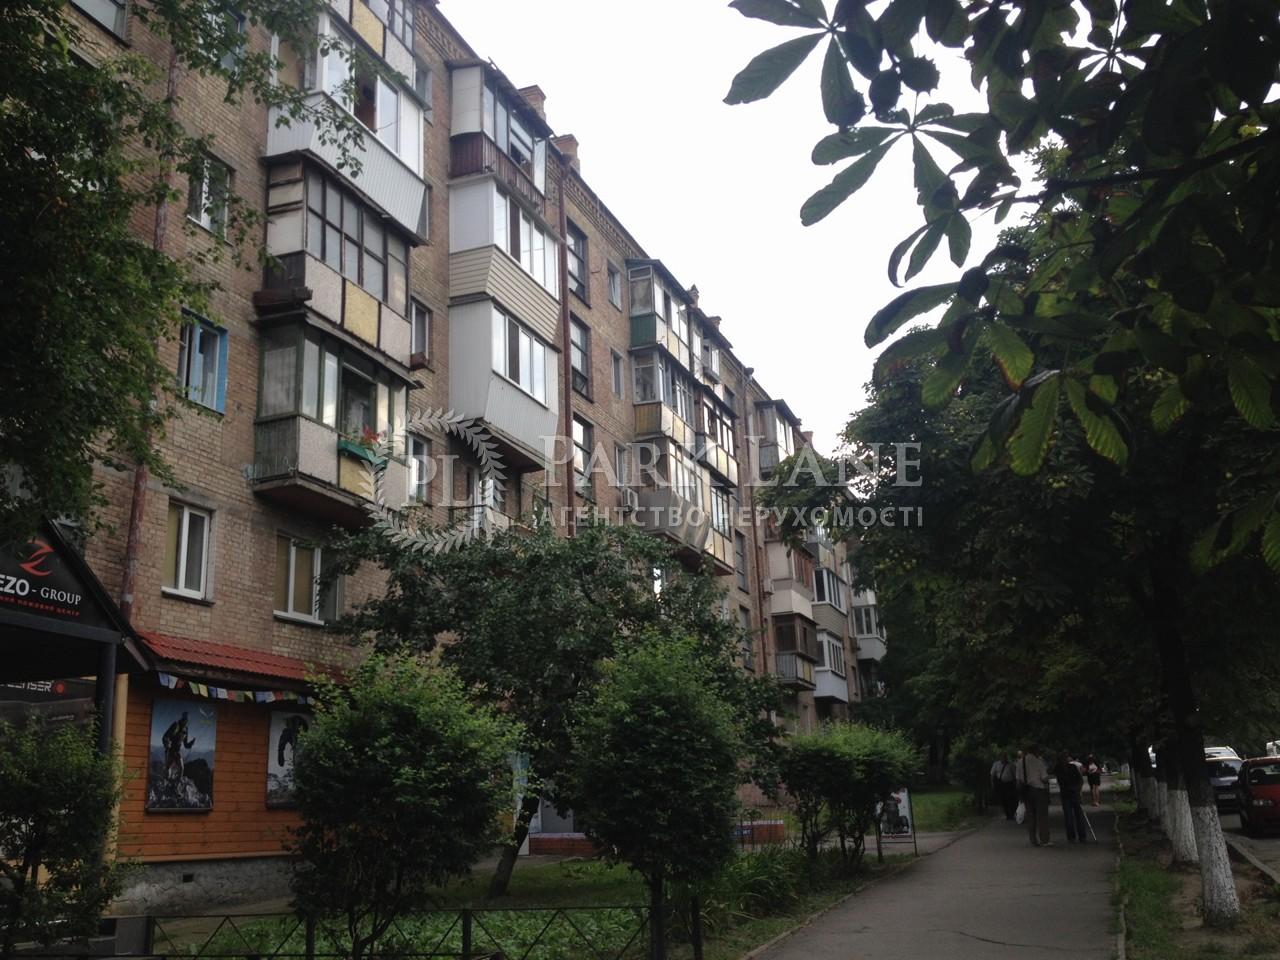 Нежилое помещение, ул. Дегтяревская, Киев, J-27087 - Фото 1